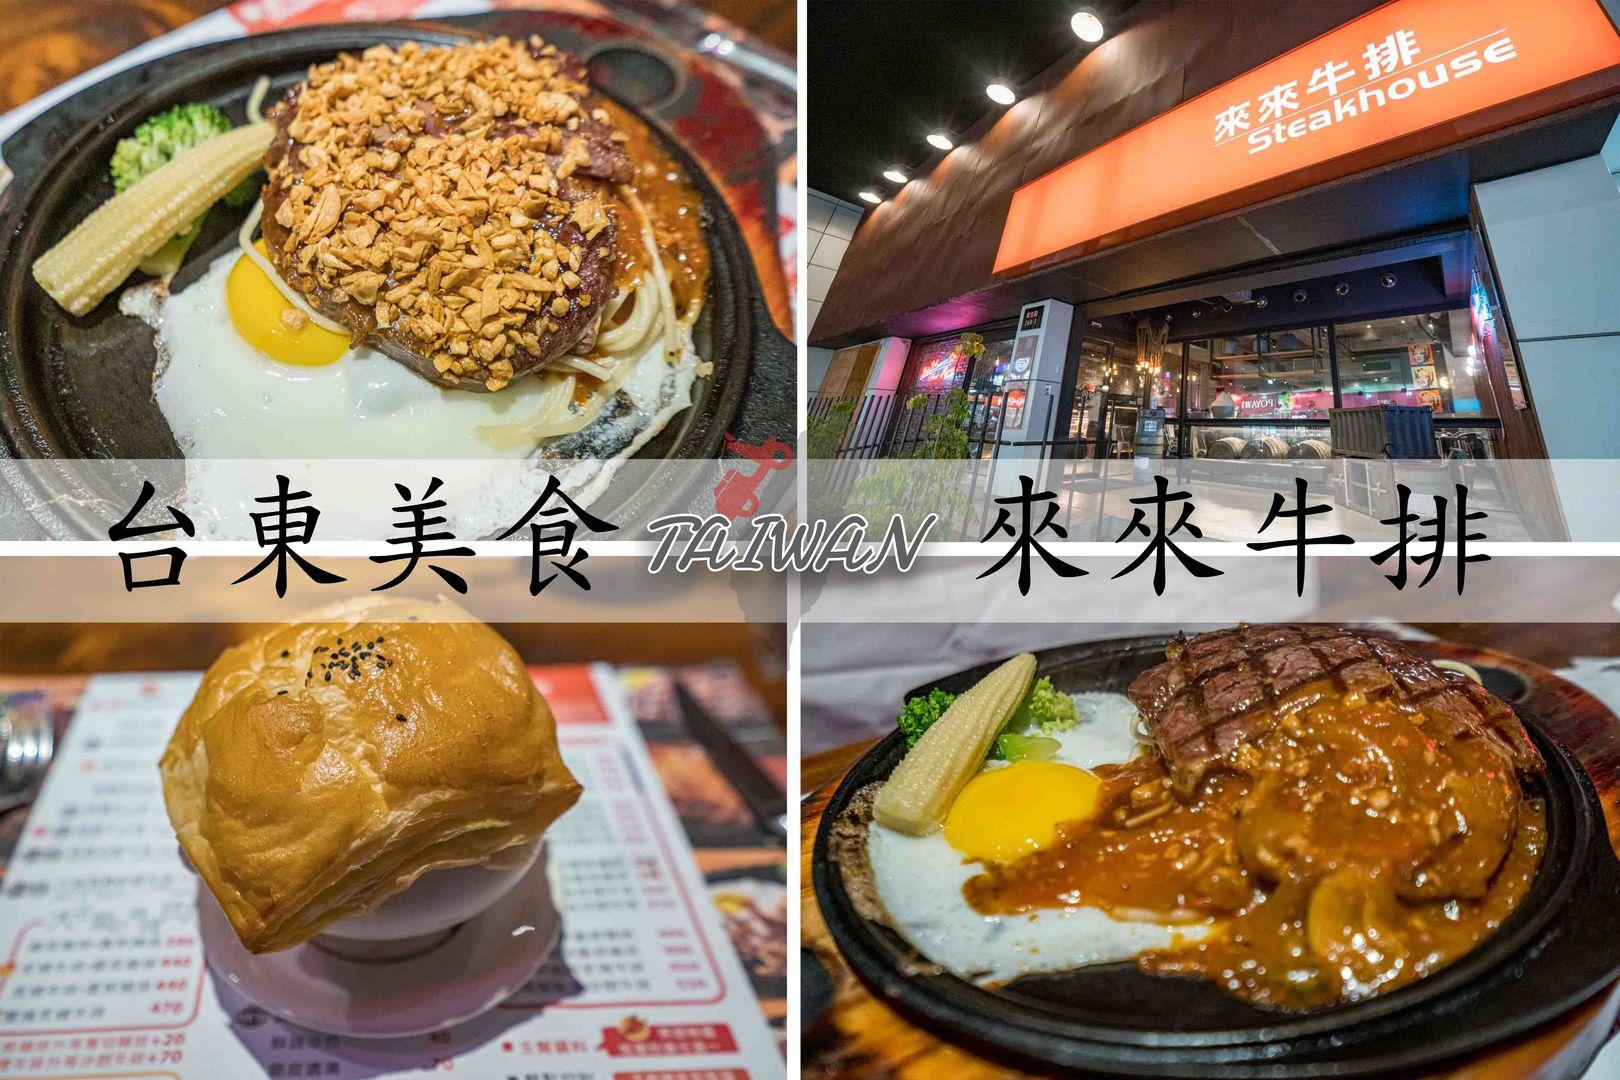 『台東美食』高cp值,小資族最愛的平價牛排館|來來牛排,超有氣氛美式工業風格,餐點內容選擇超多